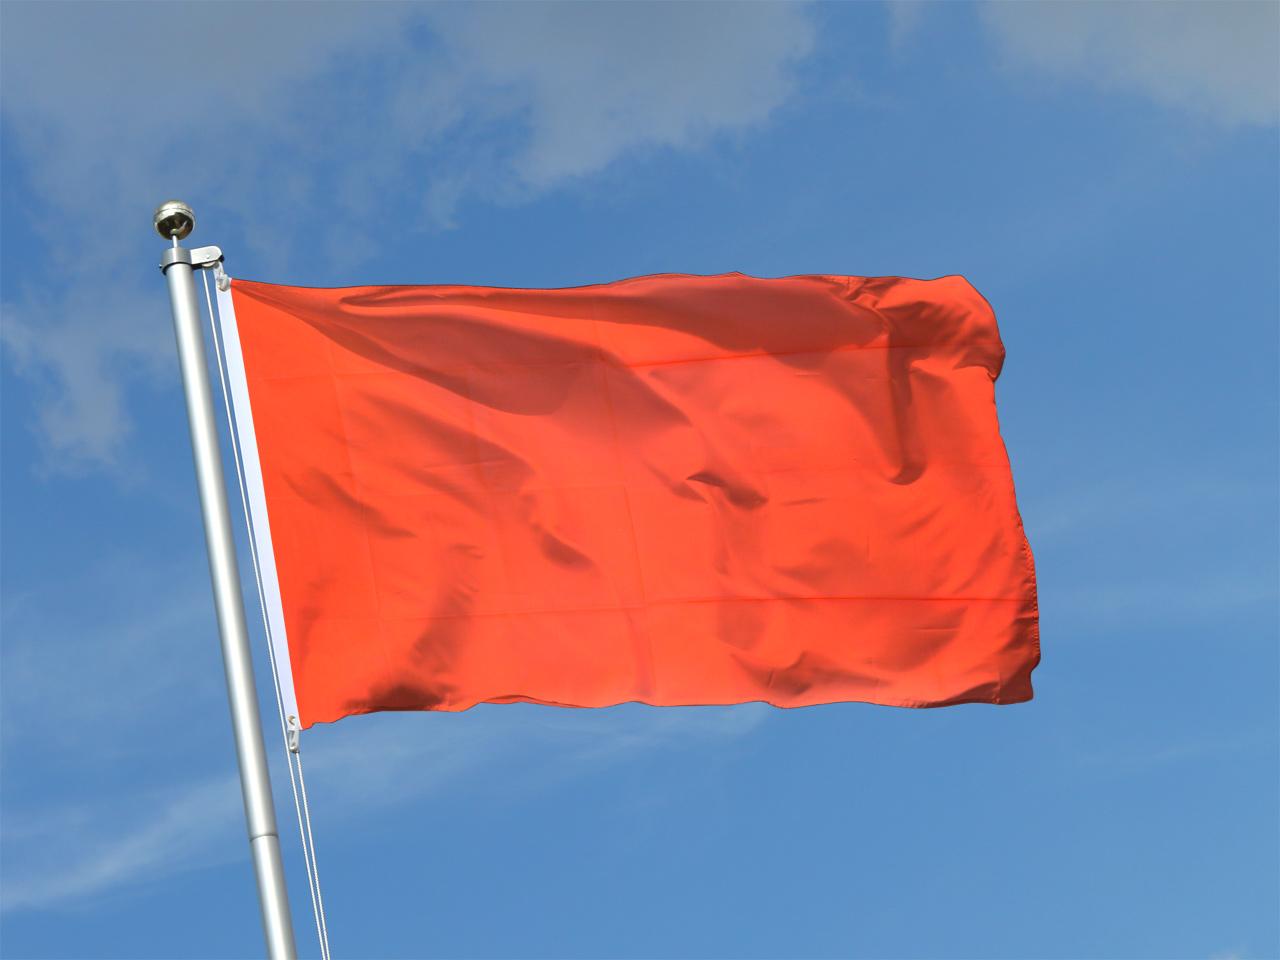 Acheter drapeau rouge 90 x 150 cm monsieur des drapeaux - Drapeau rouge avec drapeau anglais ...